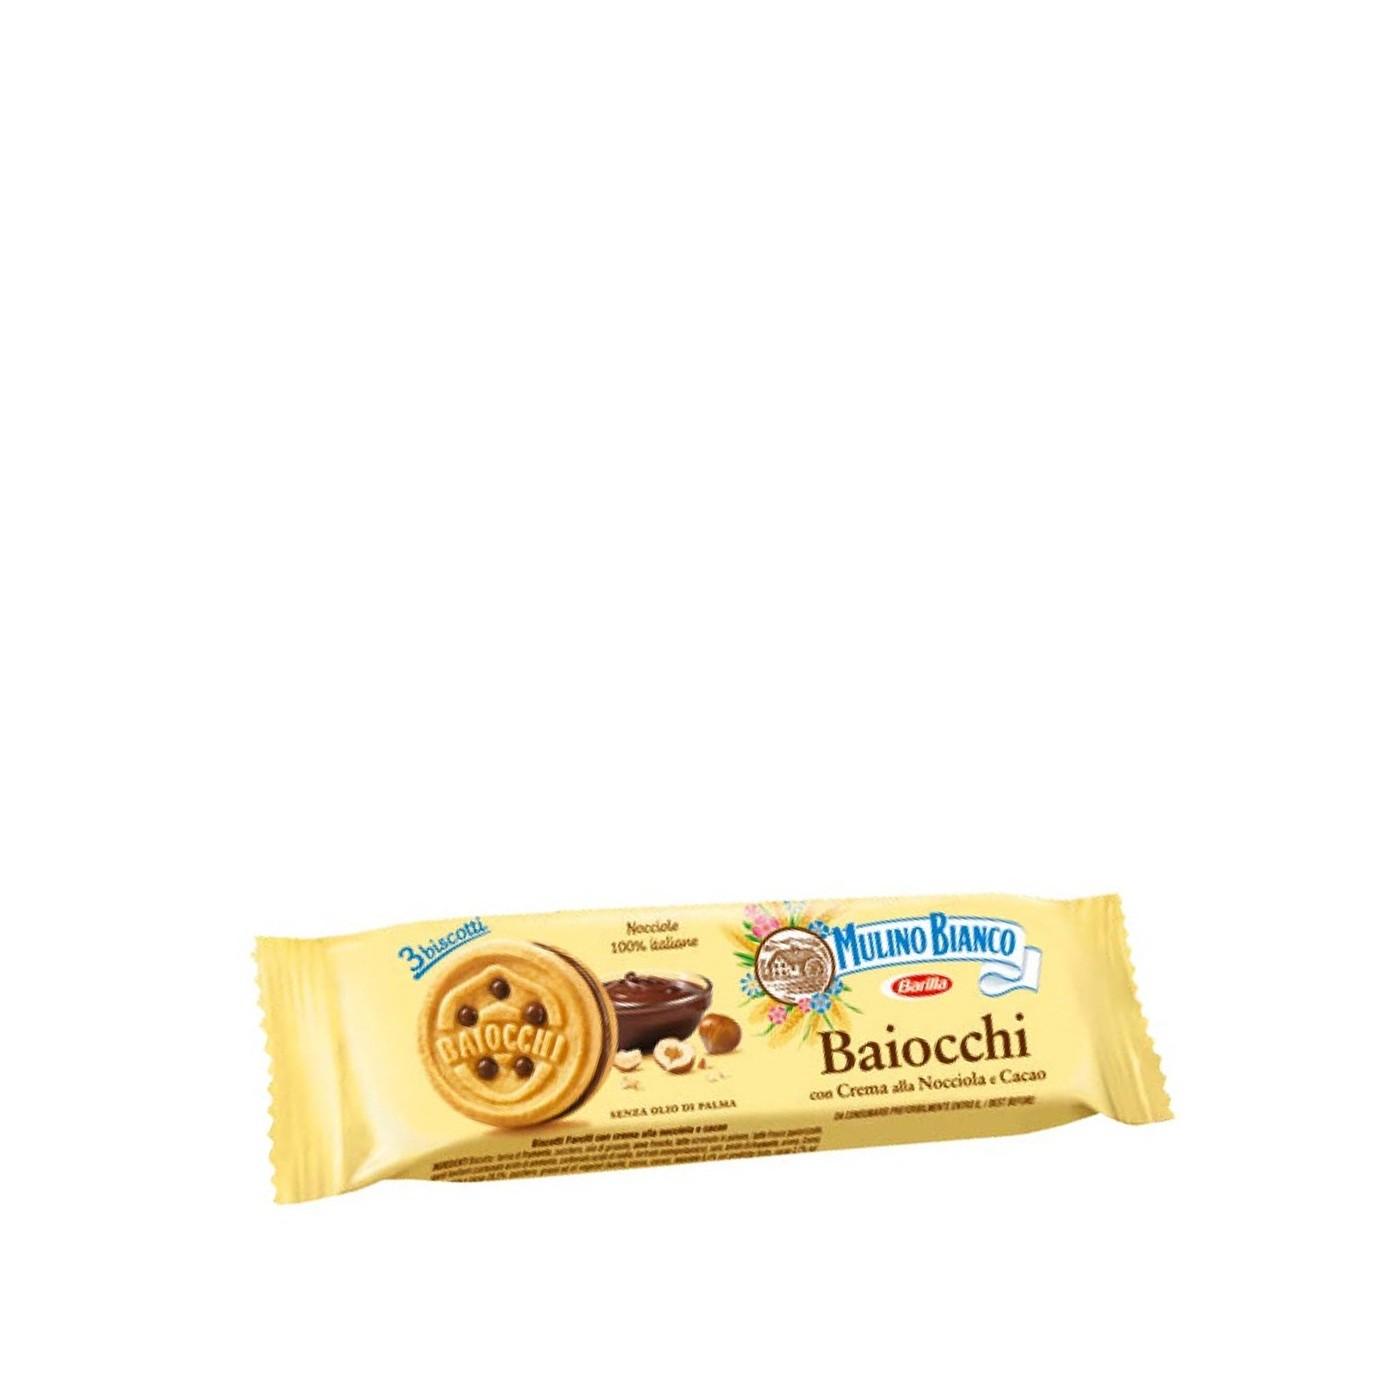 Baiocchi 0.98 oz